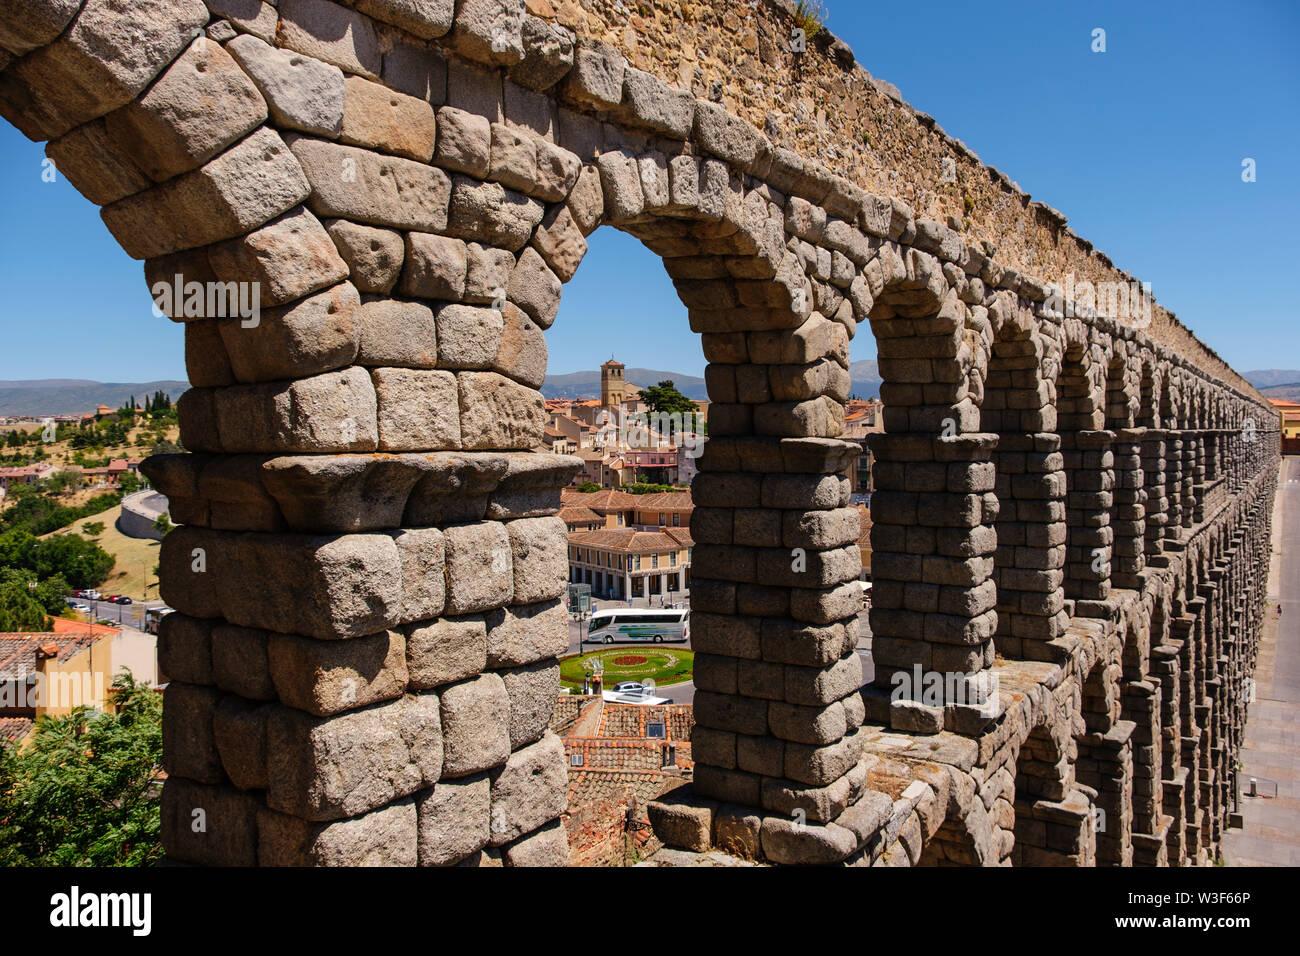 Aqueduc romain ancien, UNESCO World Heritage Site. La ville de Ségovie. Castilla León, Espagne Europe Banque D'Images